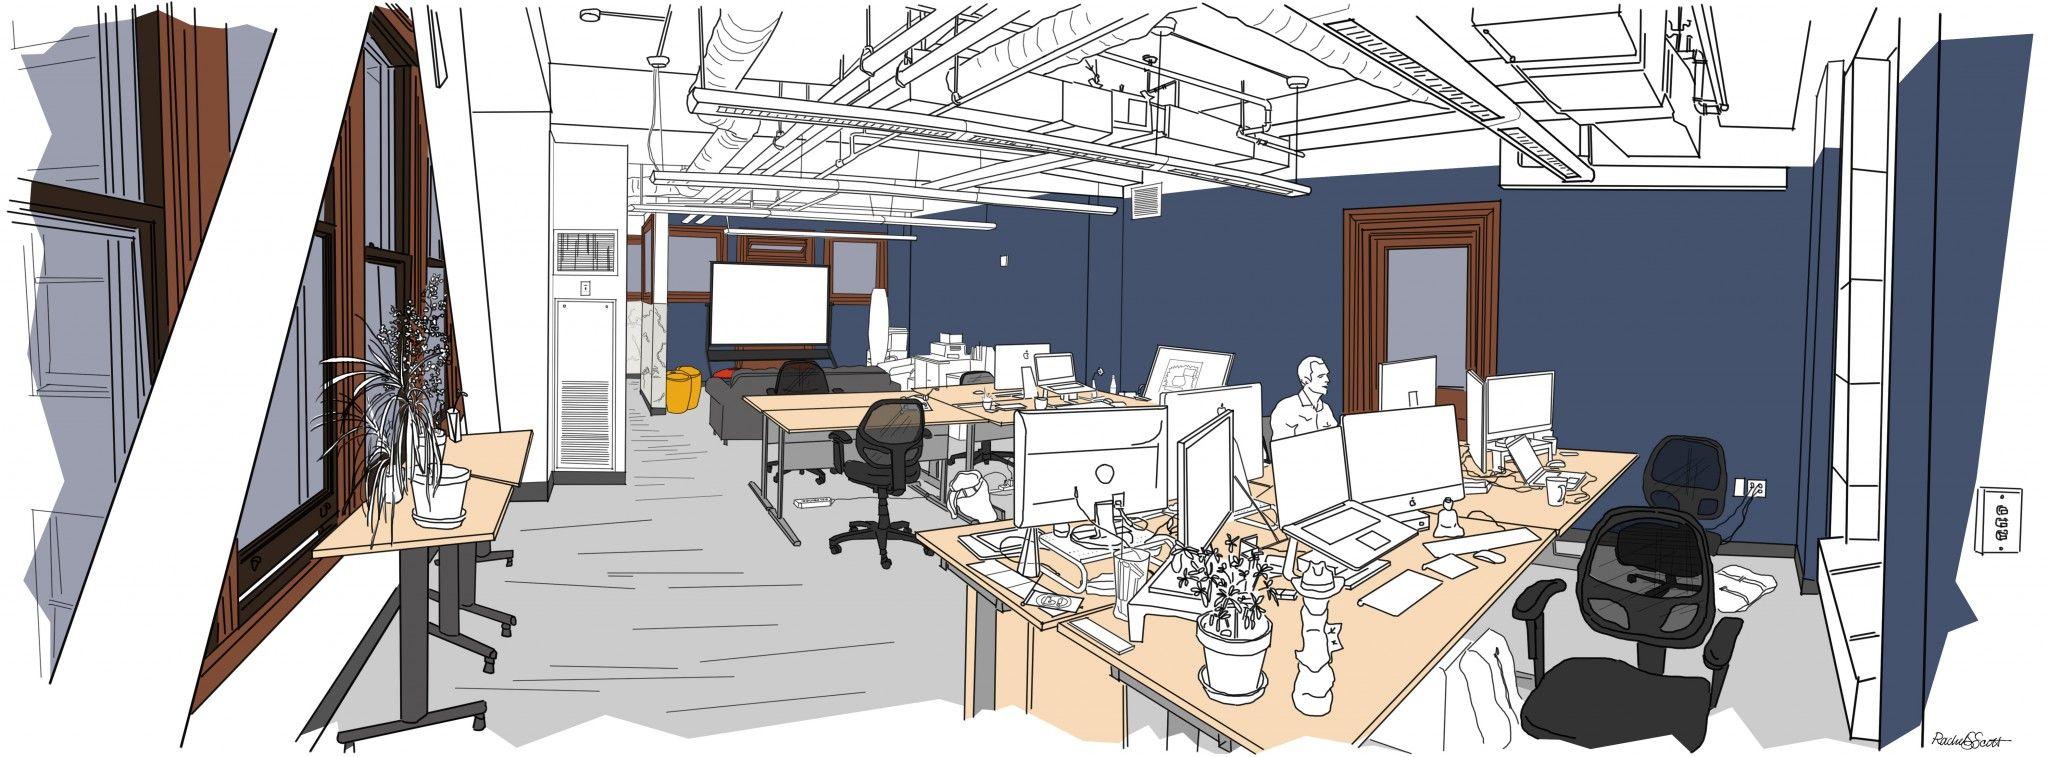 Room Seven Servies.Portent Inc Creative Services Room Quick Fixes For